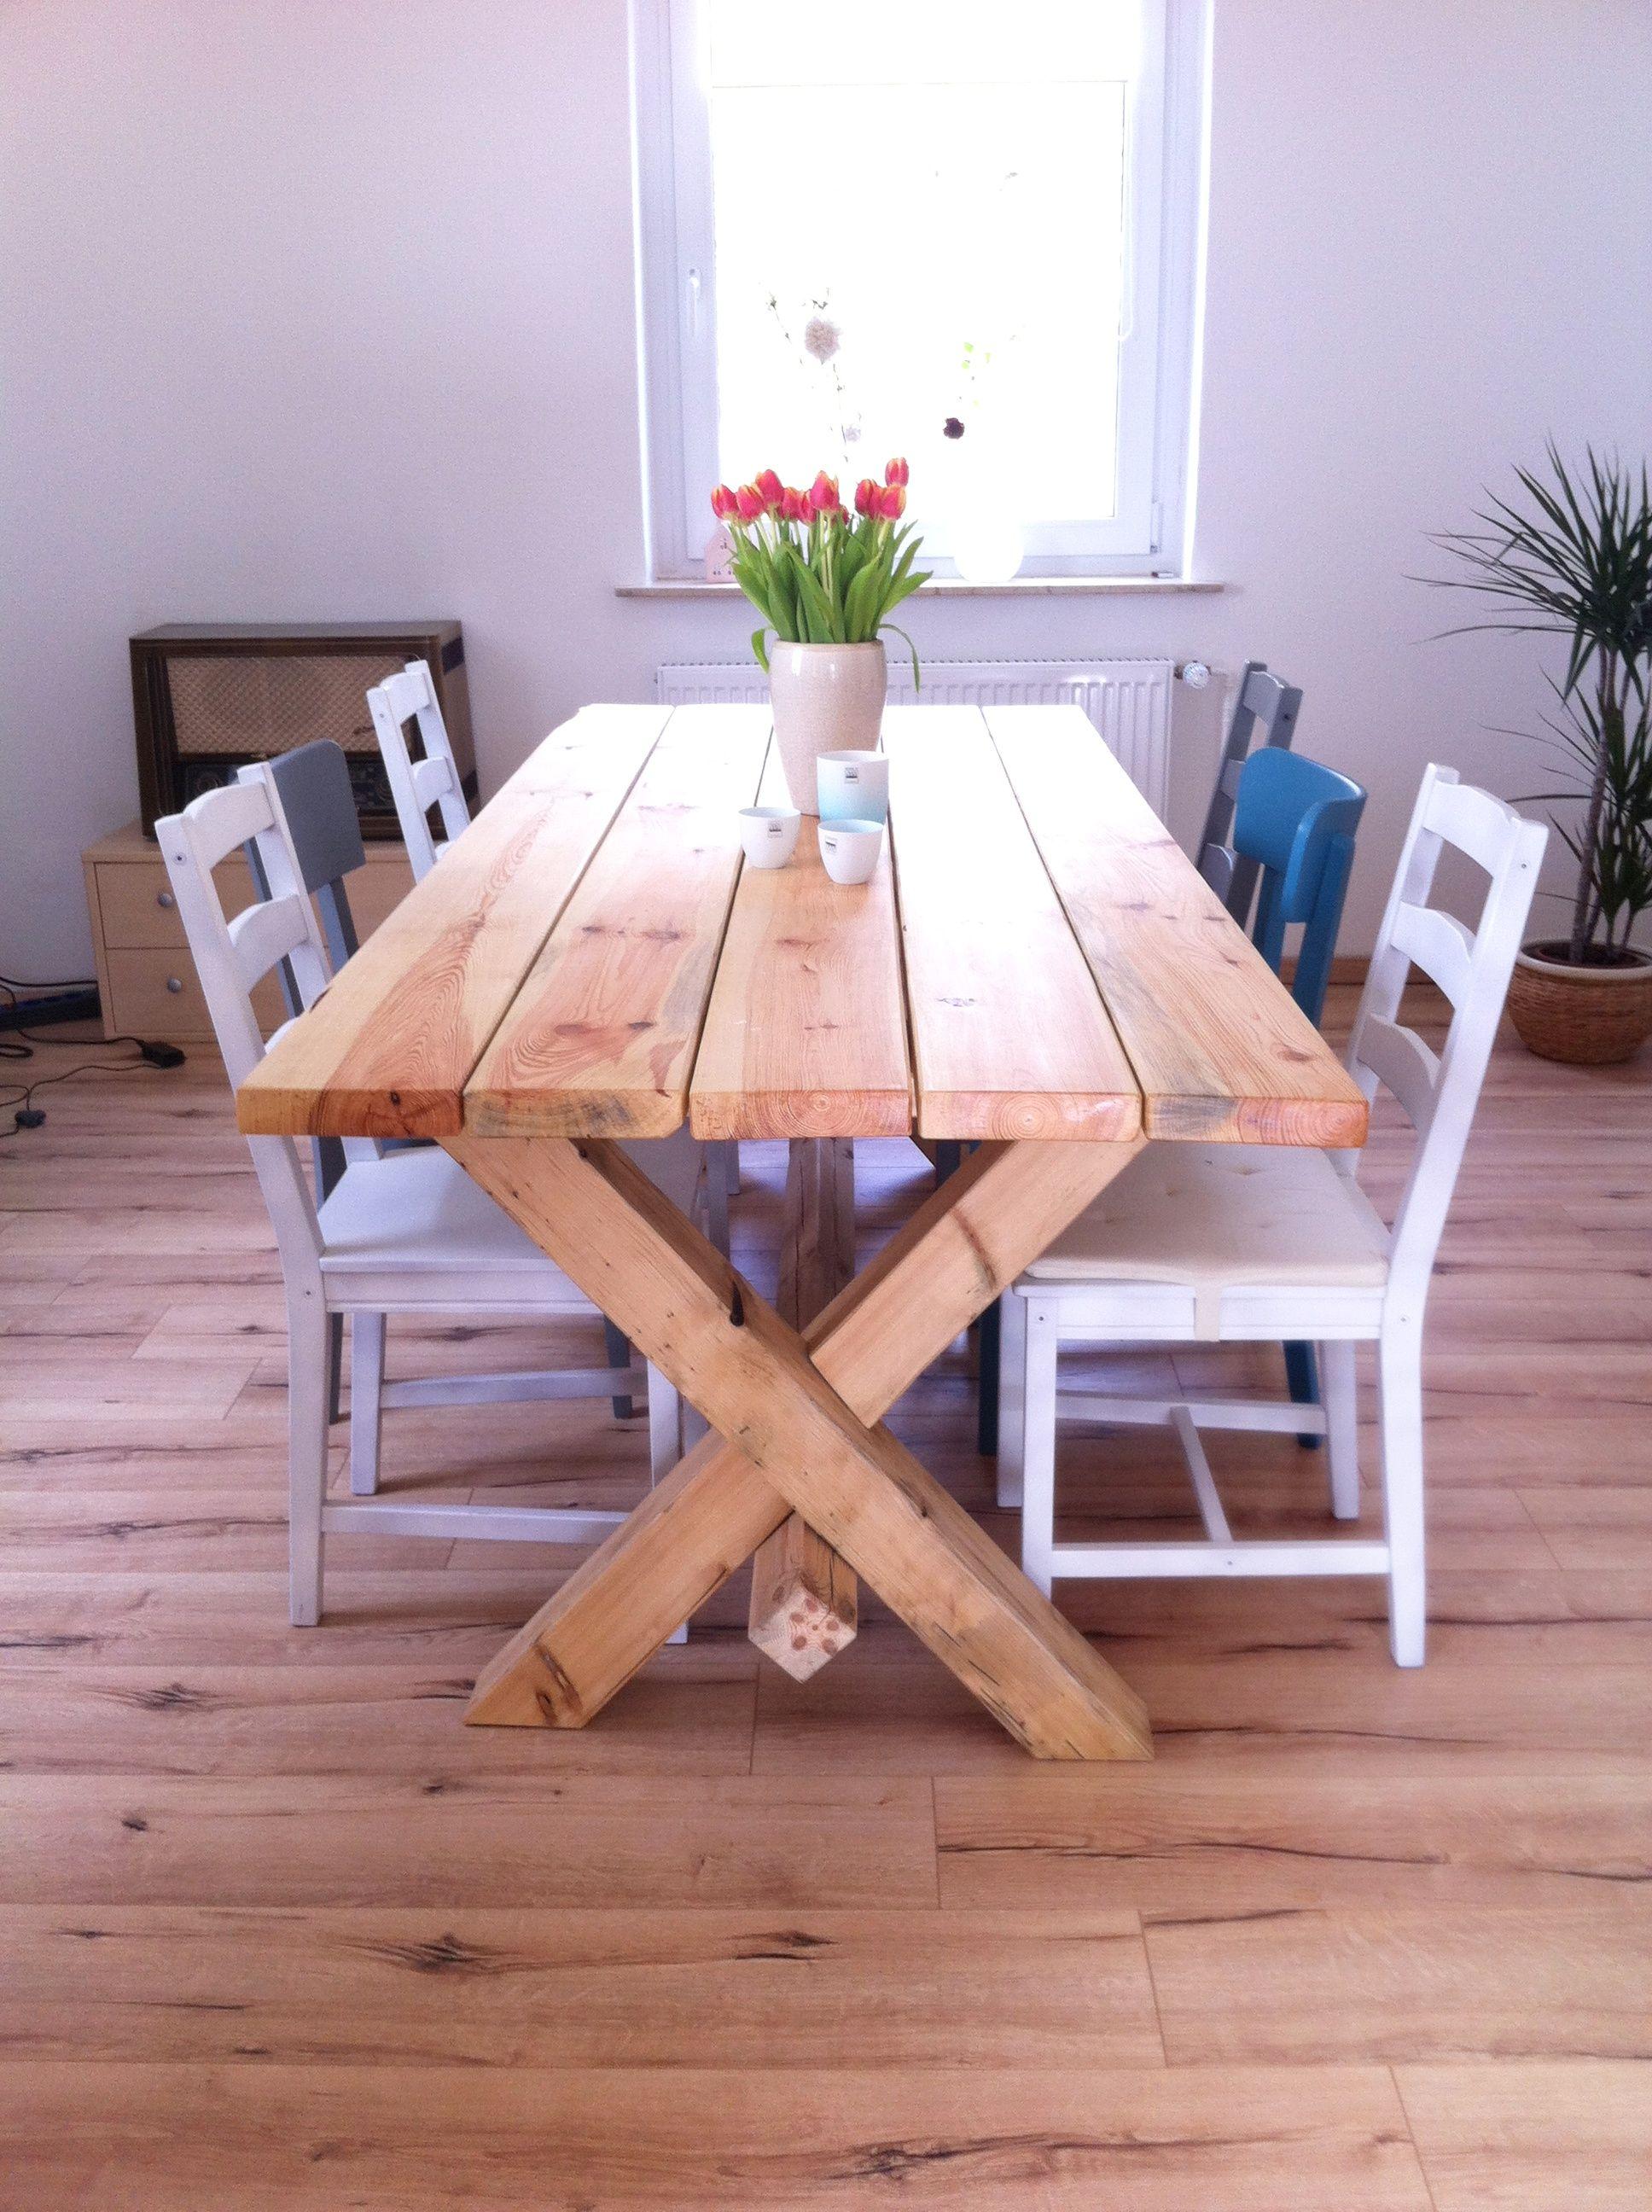 Wir bauen uns einen Tisch | Herz-Nagel-Kunst, Tisch und Esszimmer